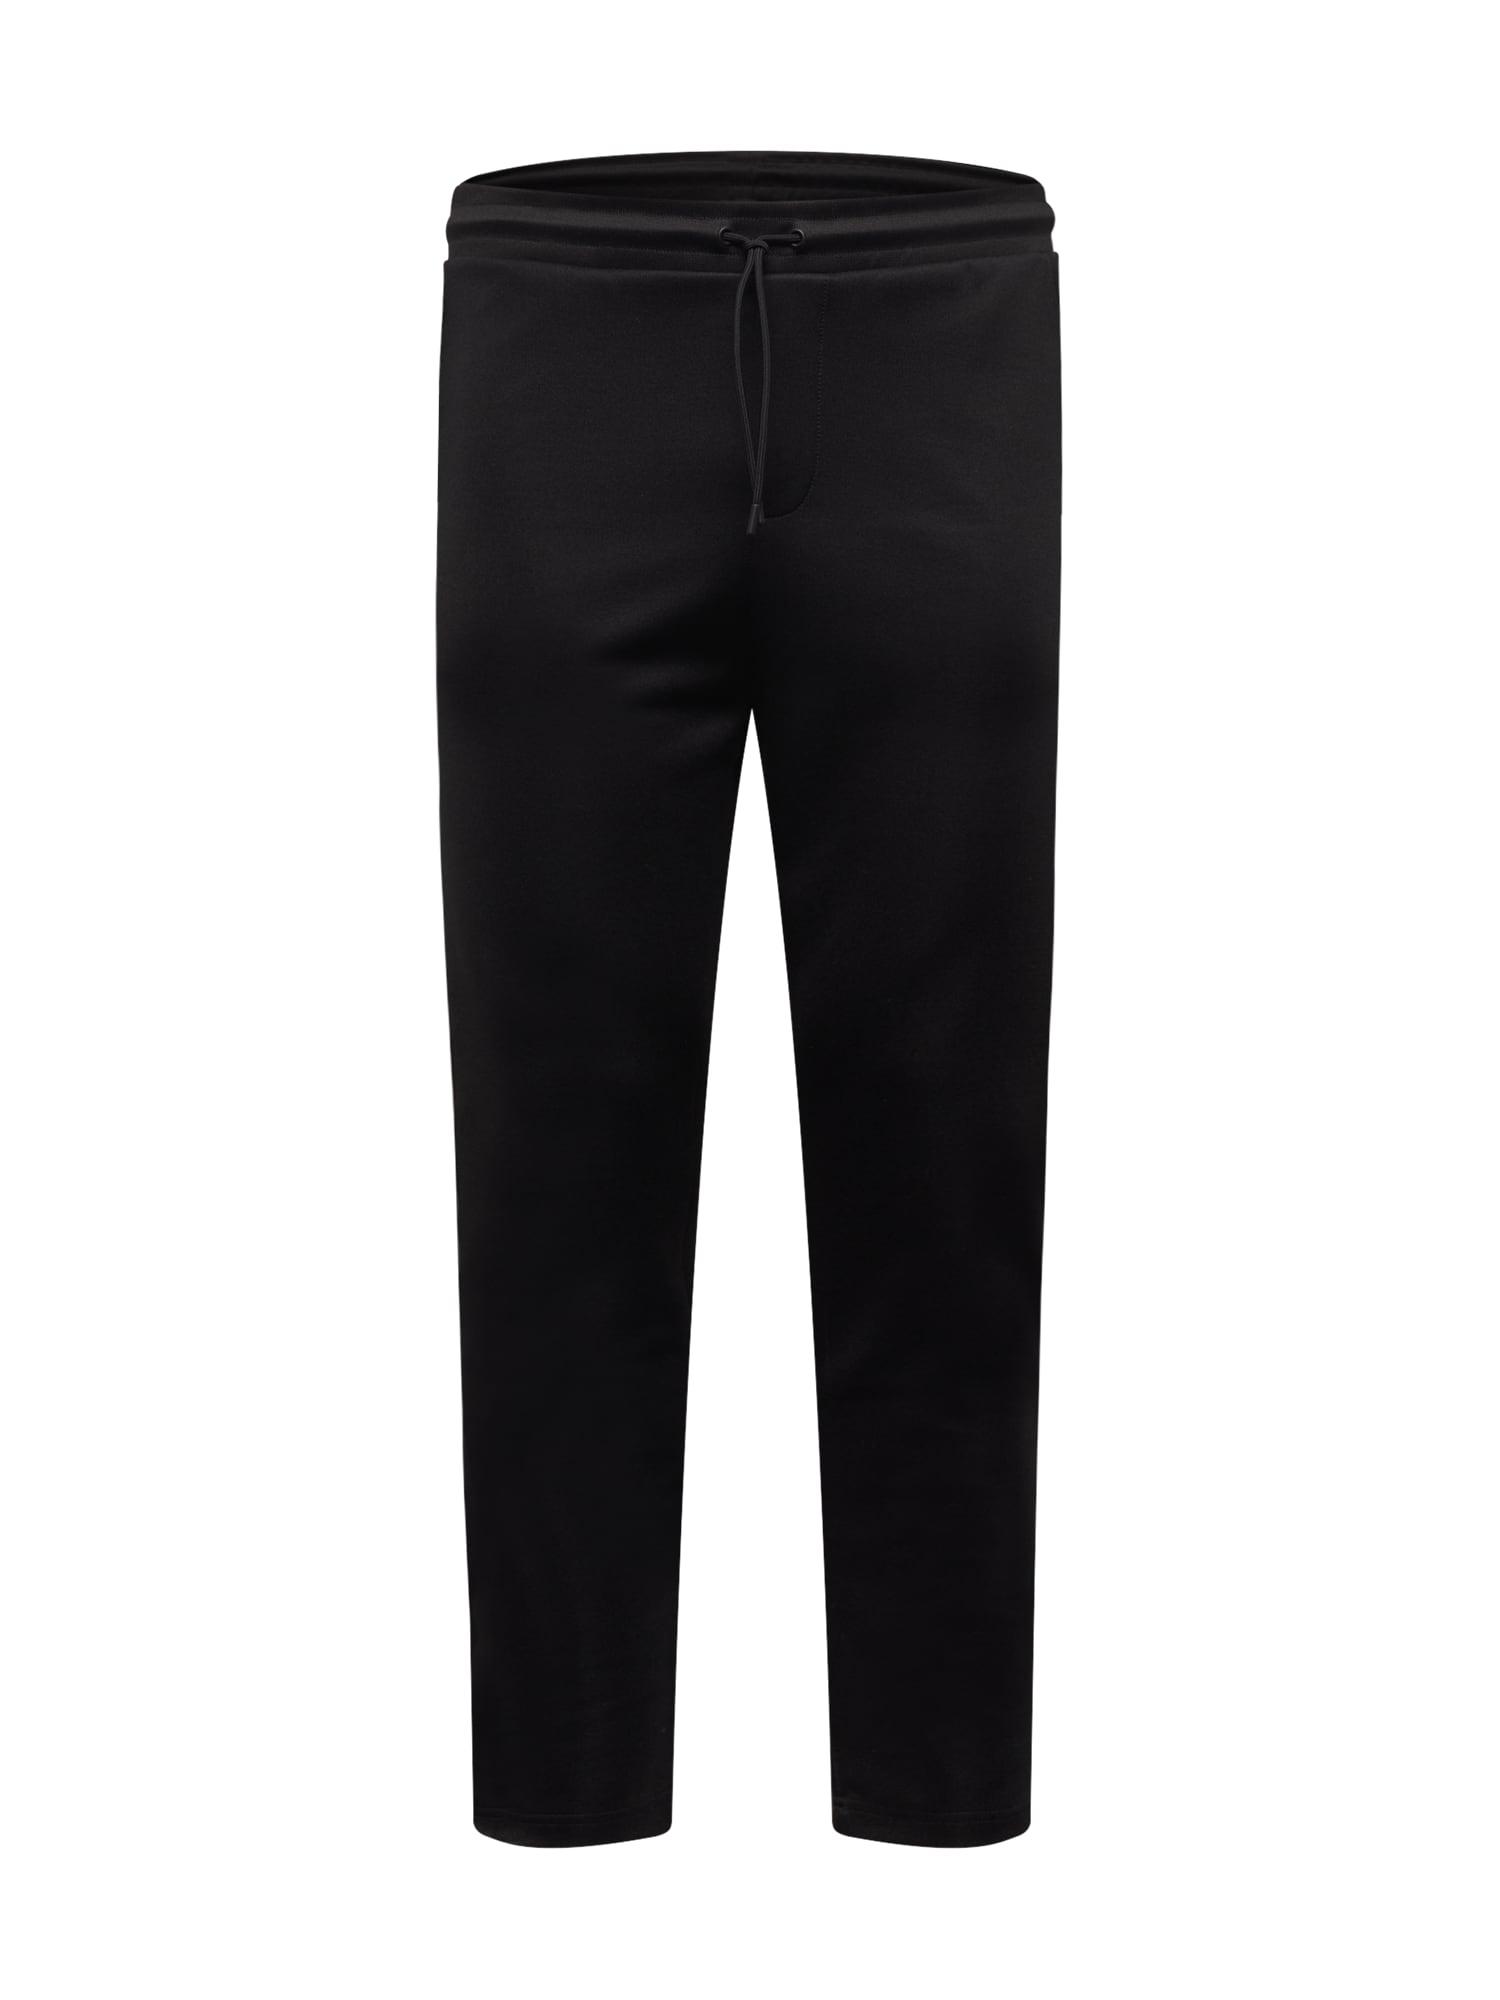 The Kooples Pantalon  - Noir - Taille: M - male